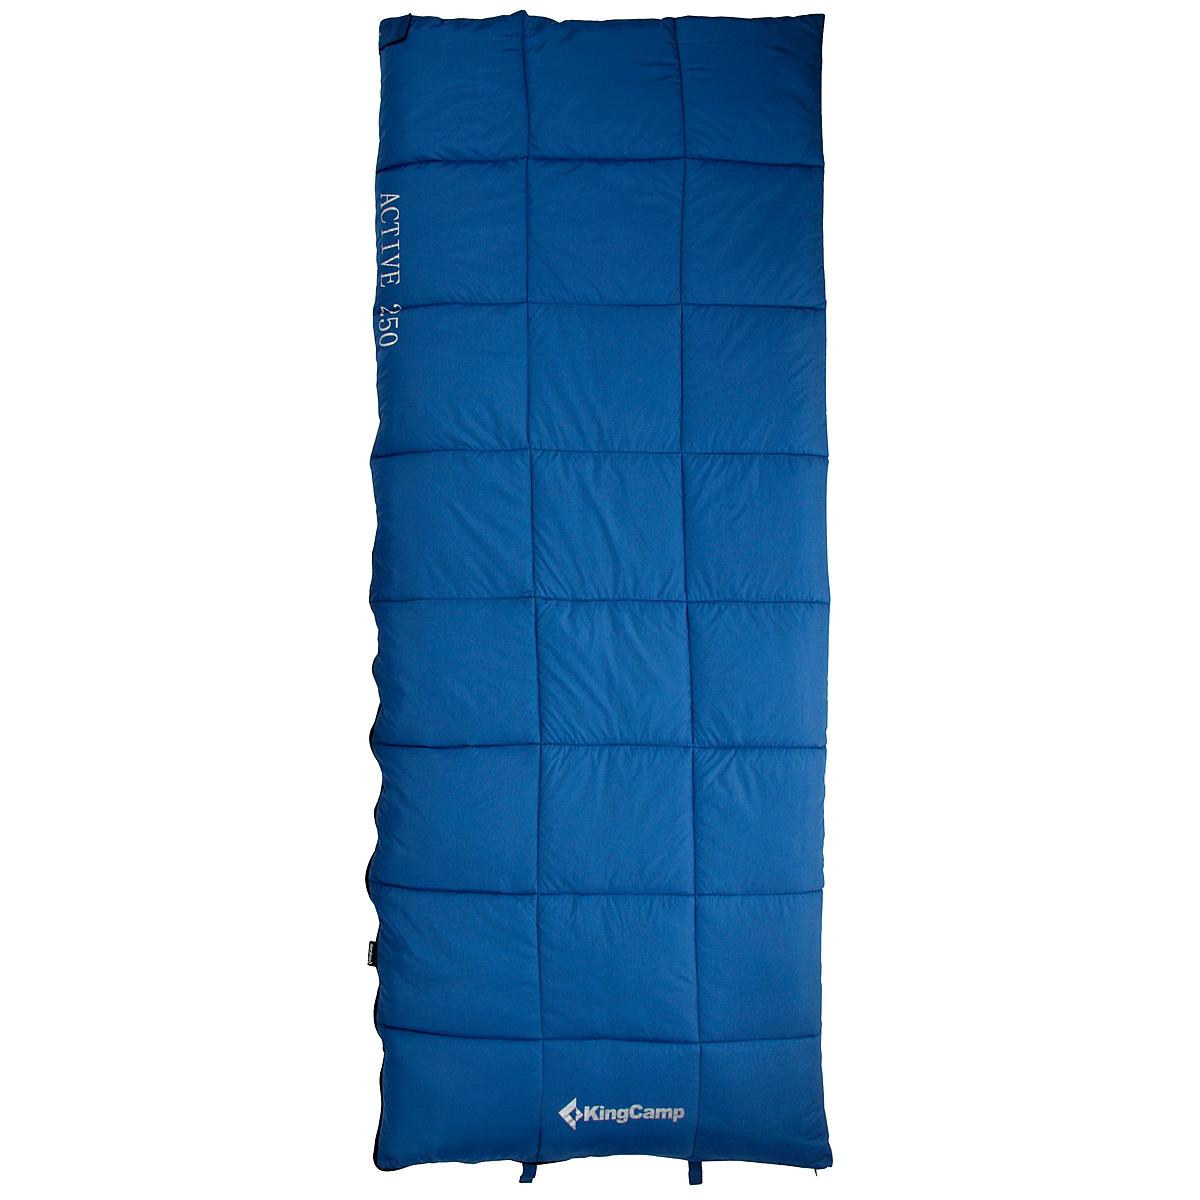 Спальный мешок-одеяло KingCamp ACTIVE 250, цвет: синий. ks3103УТ-000050401Комфортный спальник-одеяло имеет прямоугольную форму и одинаковую ширину как вверху, так и внизу, благодаря чему ноги чувствуют себя более свободно. Молния располагается на боковой стороне, благодаря чему при её расстёгивании спальник превращается в довольно большое одеяло. Характеристики:Размер спального мешка с учетом подголовника: 190 см х 75 см. Утеплитель: четырехканальное волокно Hollowfibre, 250 г/м2. Внешний материал: полиэстер 210Т RipStop W/P. Внутренний материал: 100% хлопок. Экстремальная температура: -5°C. Температура комфорта: 6°C...12°С. Вес: 1,45 кг. Изготовитель:Китай. Размер в сложенном виде: 35 см х 22 см х 22 см. Артикул:KS3103.